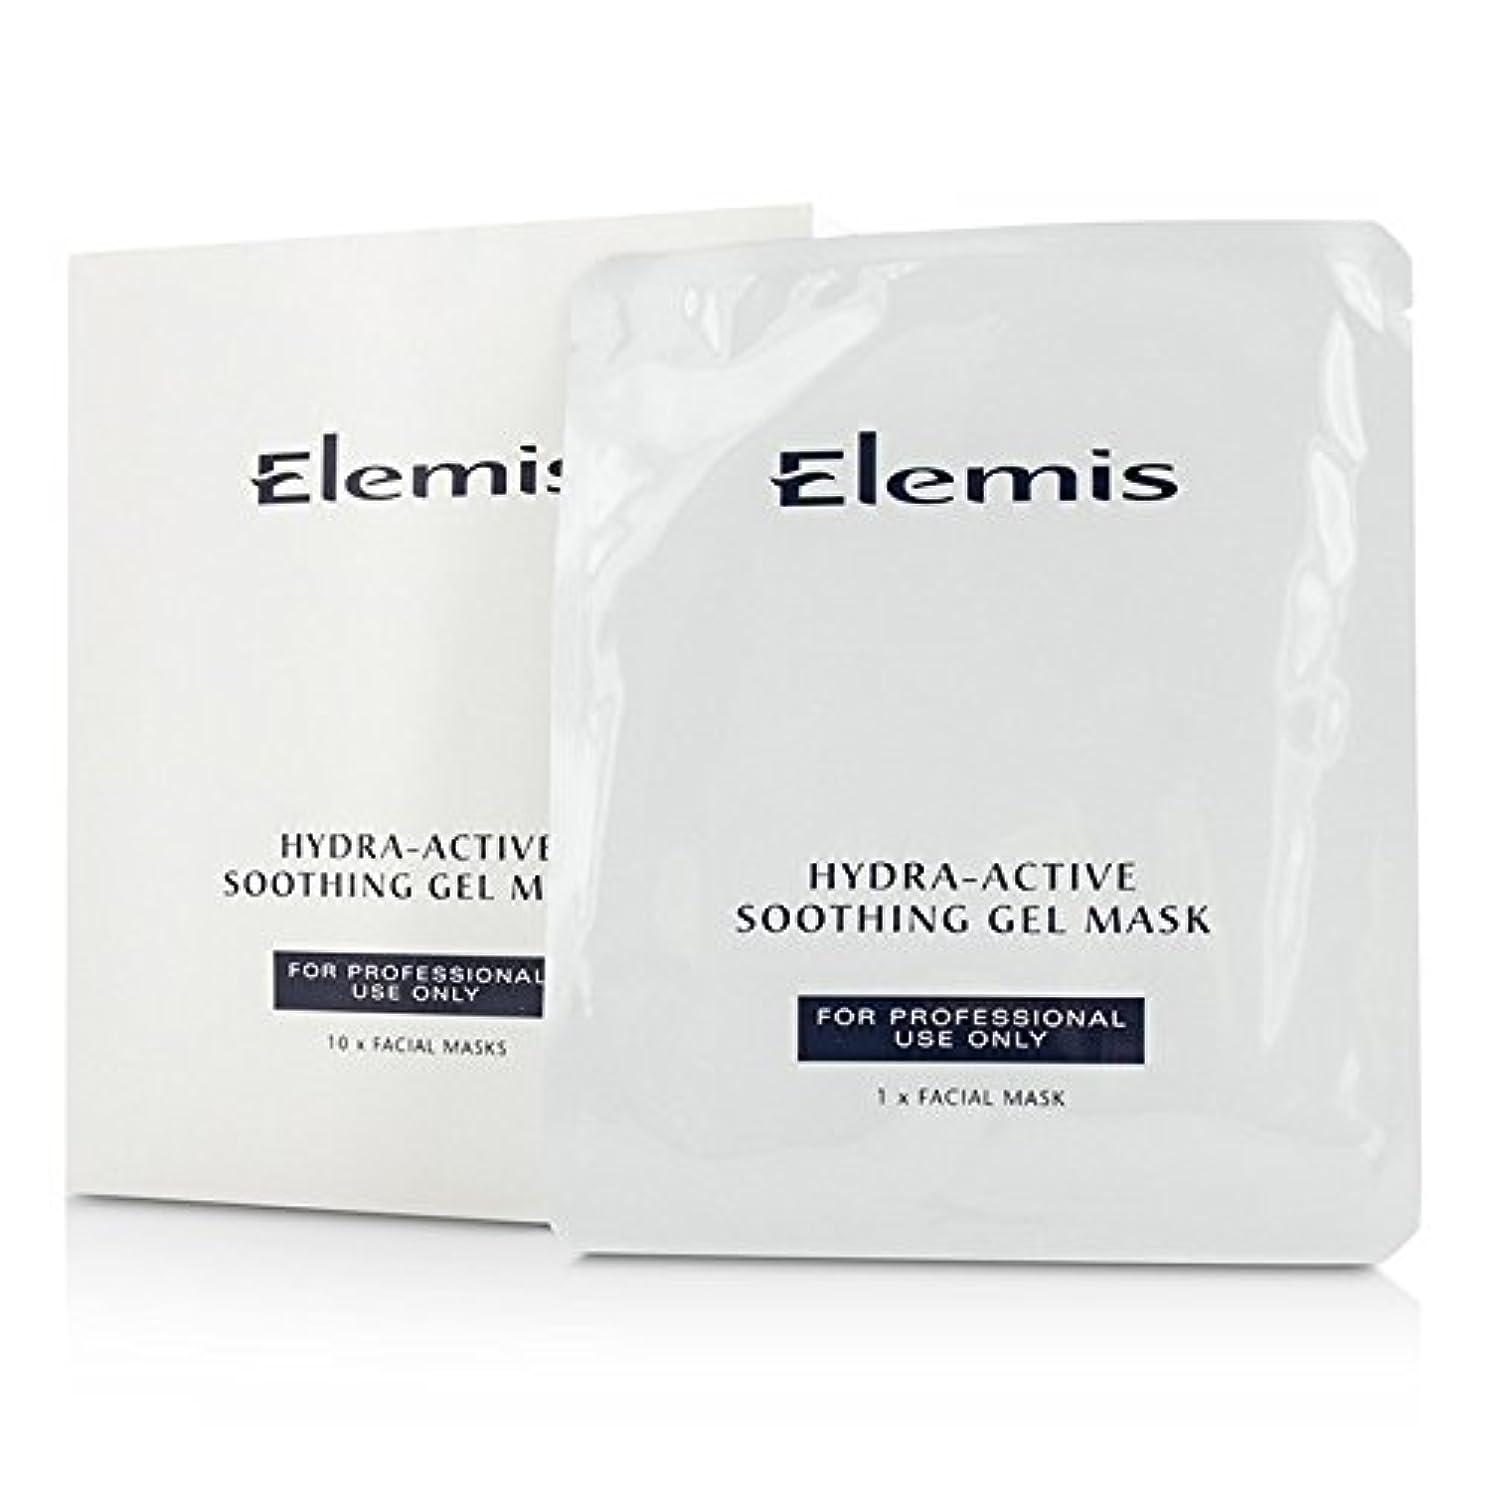 からかう真珠のようなが欲しいエレミス ハイドラアクティブ スージングジェルマスク (サロン専用品) 10pcs並行輸入品